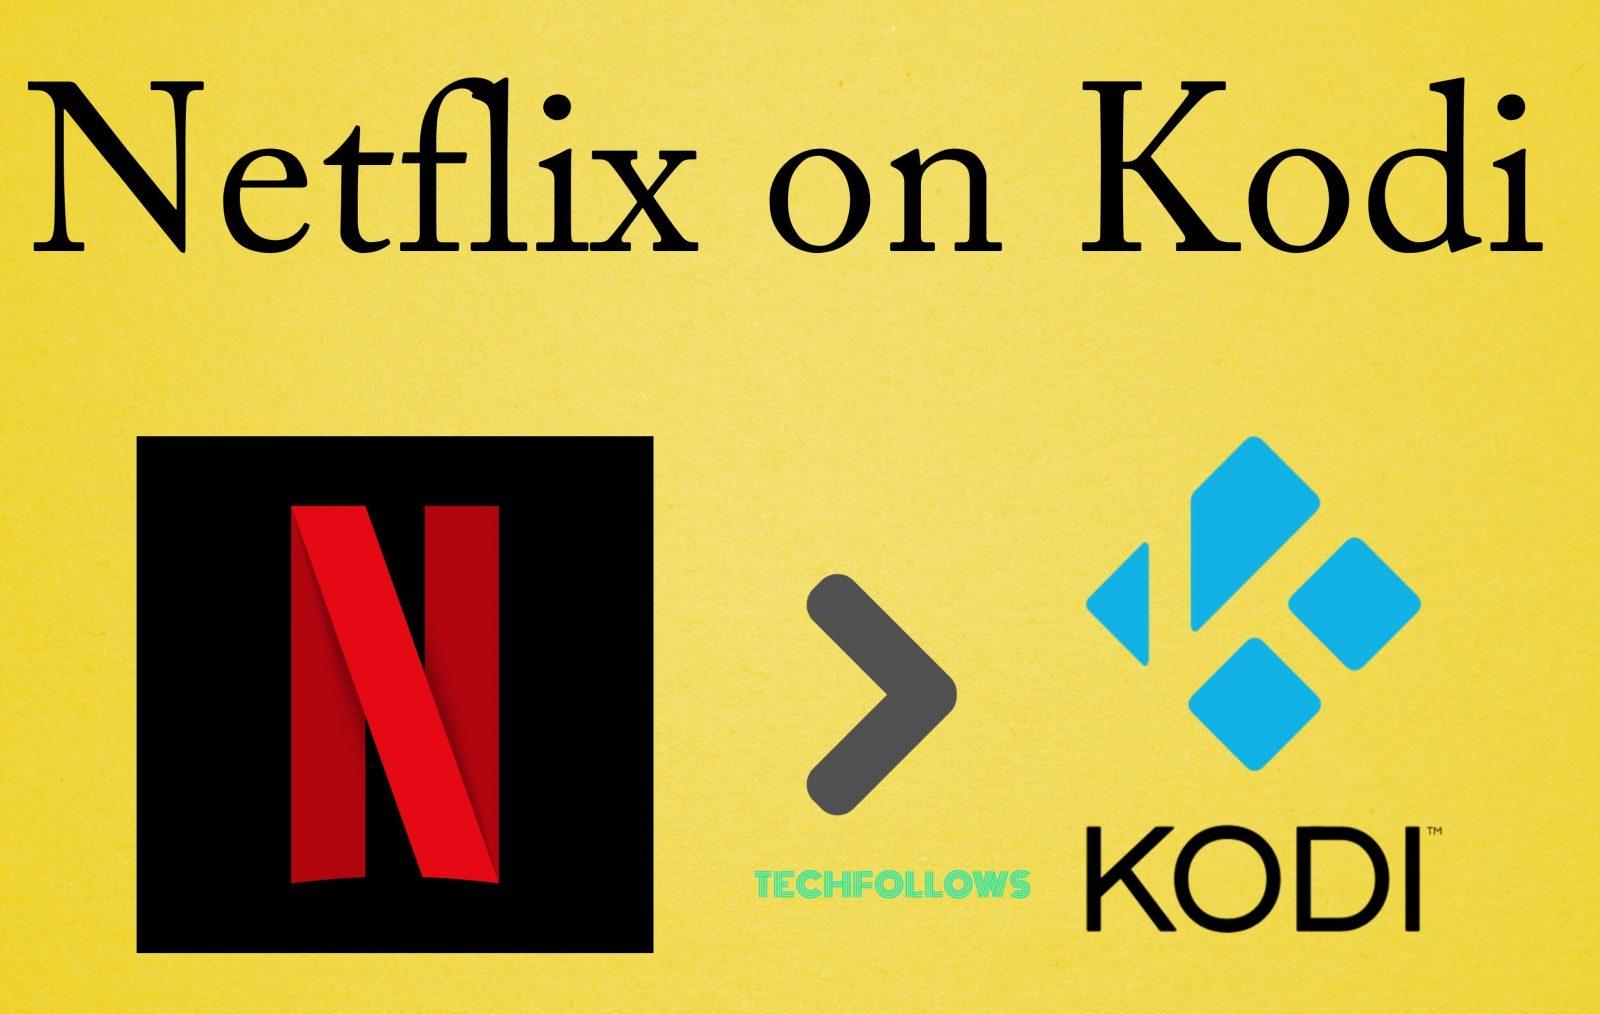 Netflix on Kodi - How to install Kodi Netflix Addon [2019]? - Tech